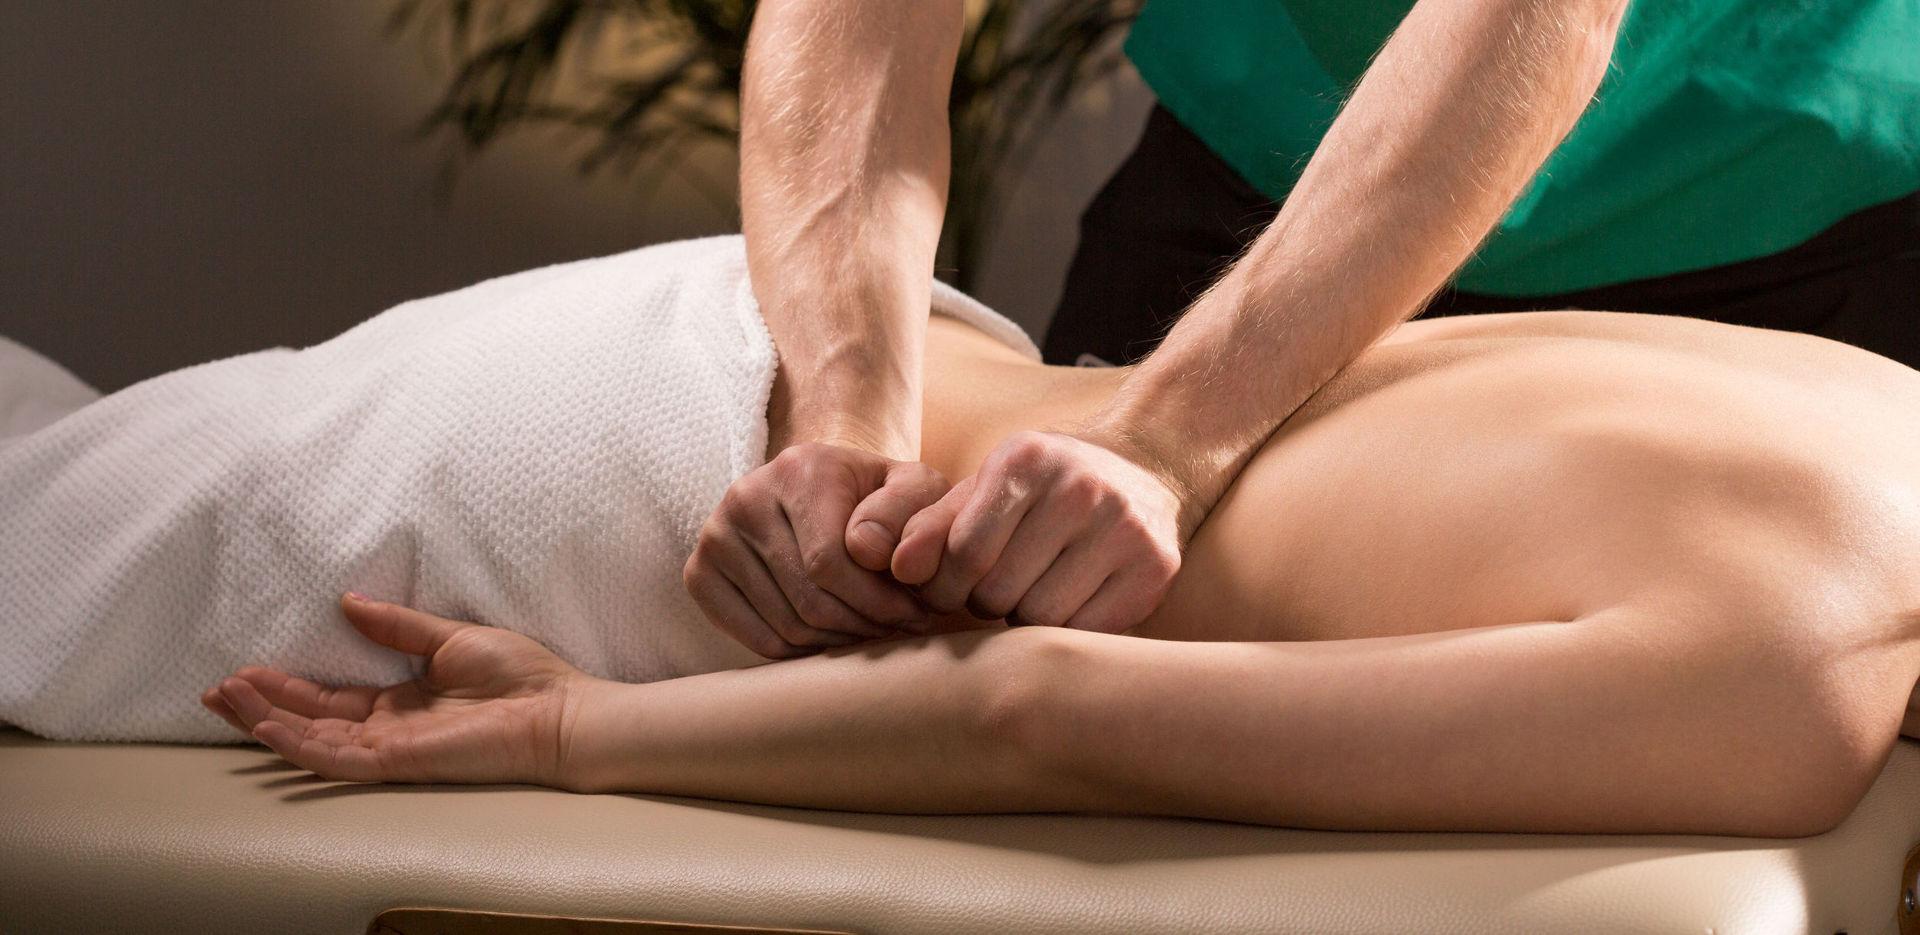 Сделал масаж и трахнул, Порно Массаж -видео. Смотреть порно онлайн! 8 фотография